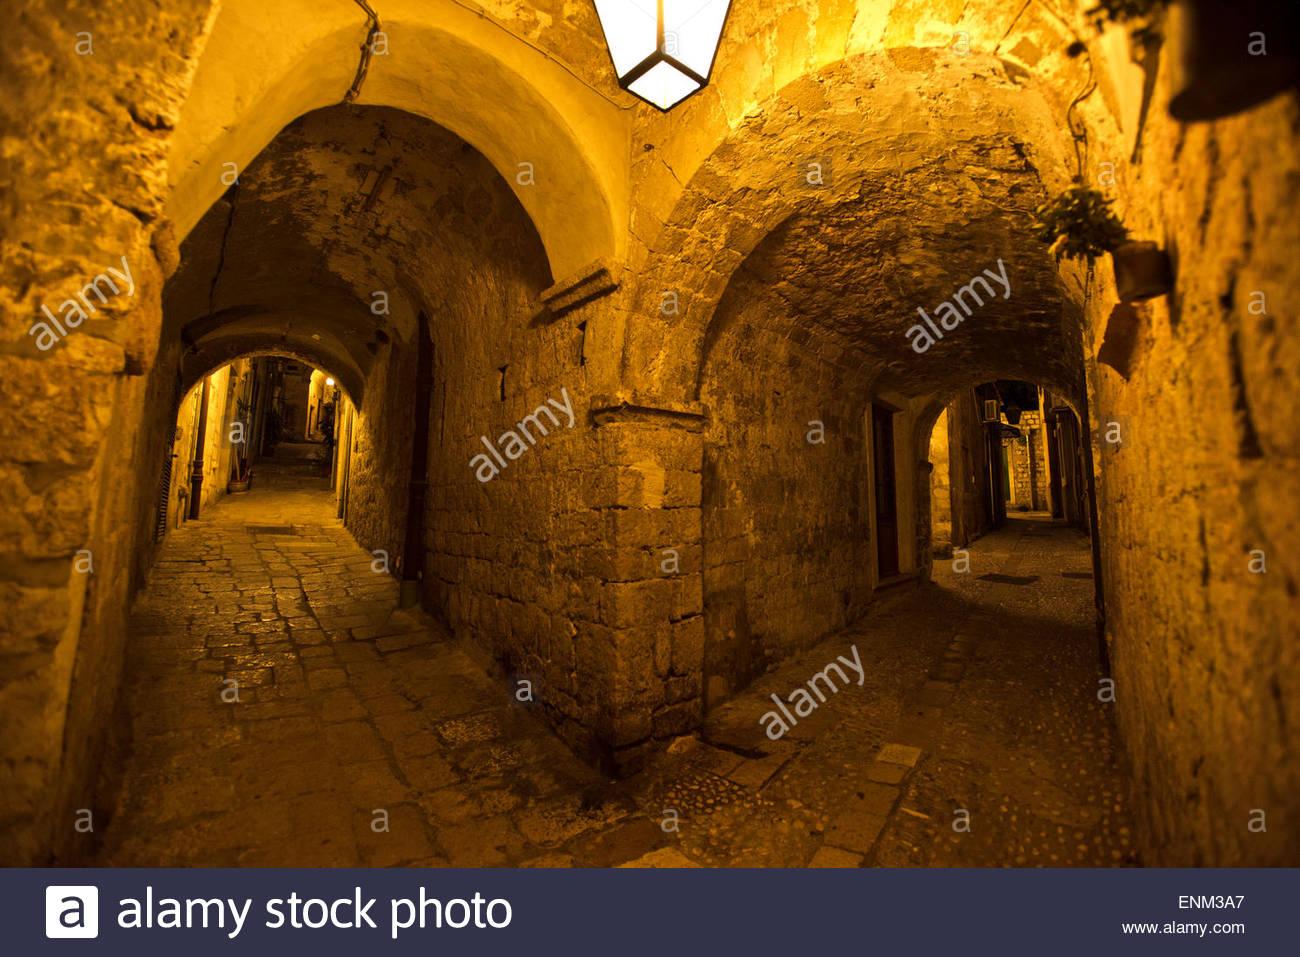 Stein-Korridore Leuchten in der Nacht in Dubrovnik, Kroatien Stockbild